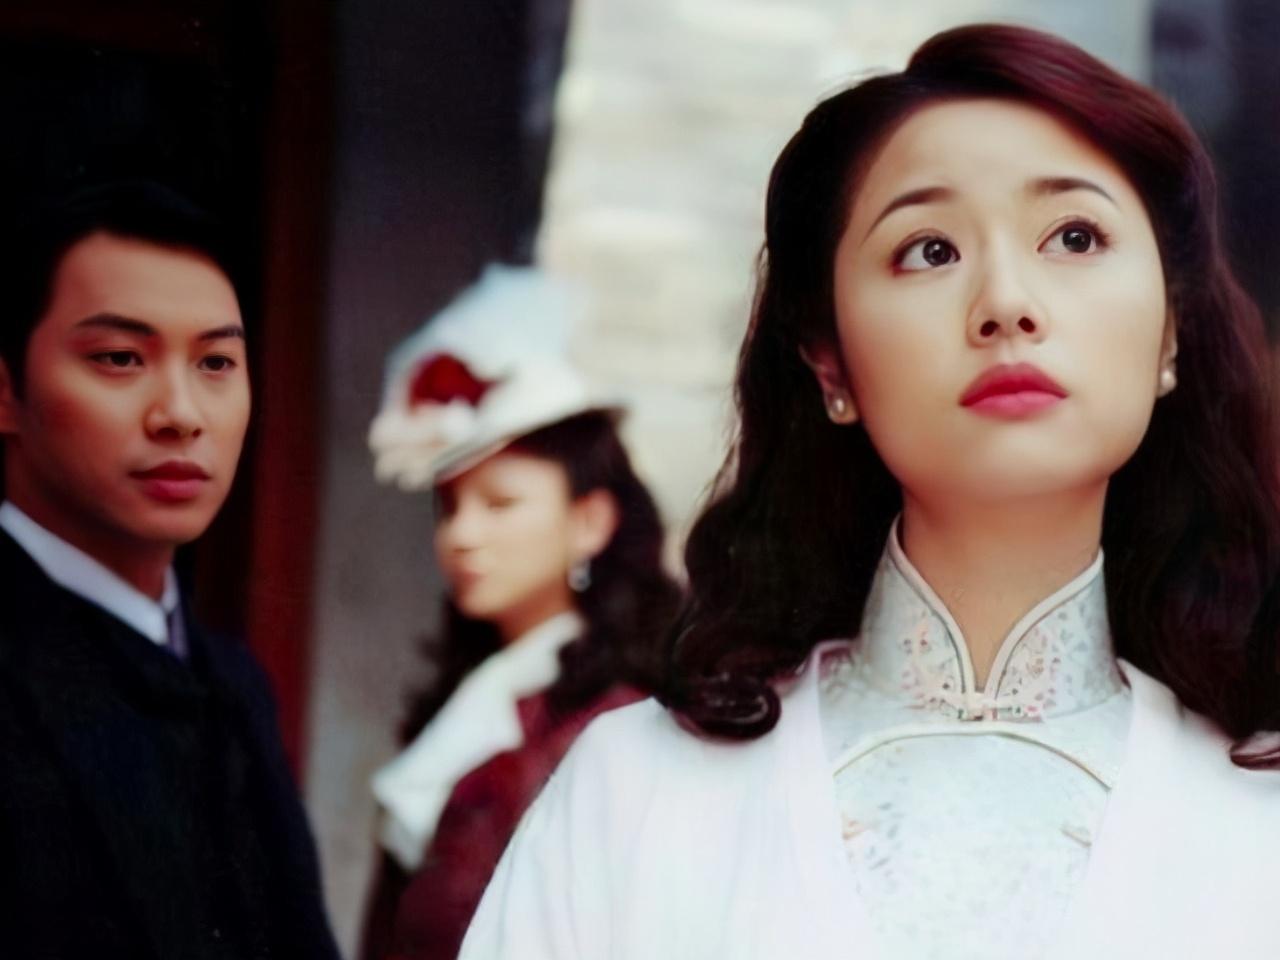 刘嘉玲《情深缘起》开播,张一山《鹿鼎记》的2.7低分有望被破